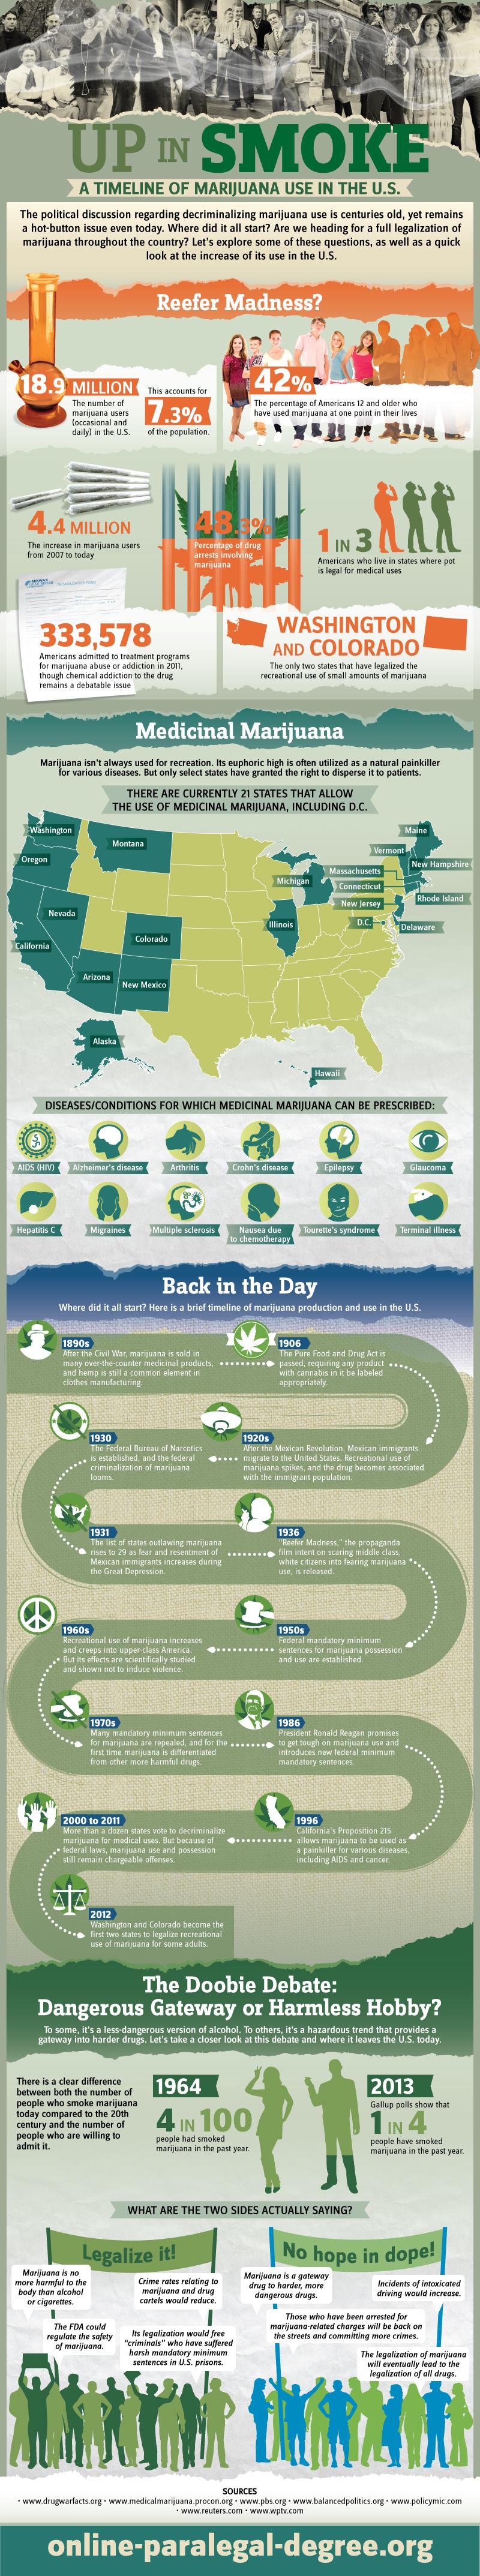 cannabishistory